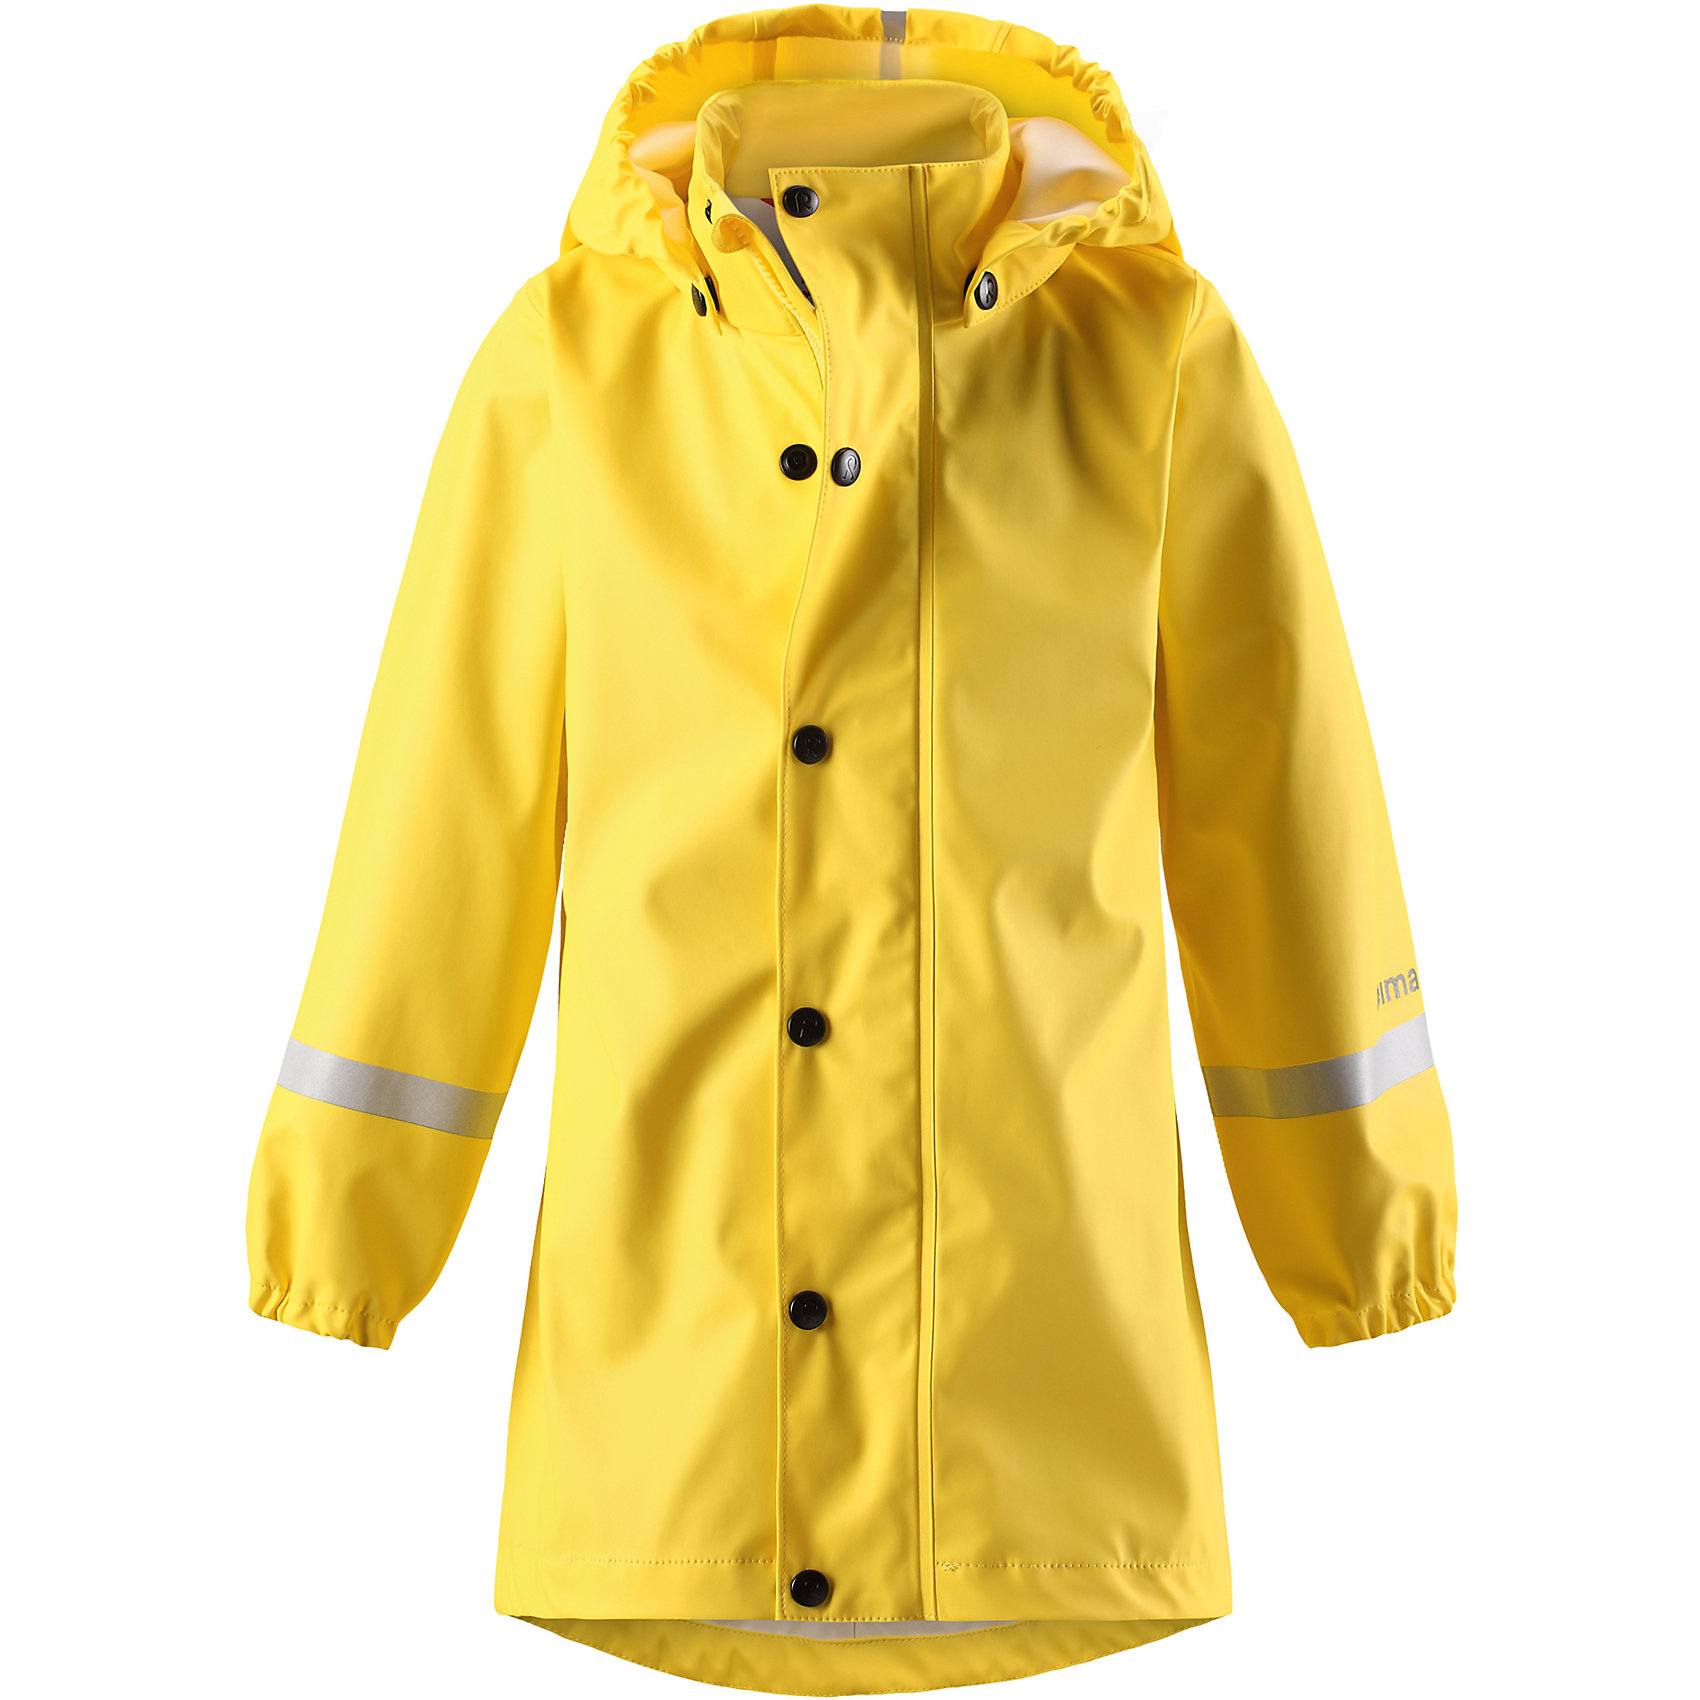 Плащ-дождевик Vatten Reima для девочкиОдежда<br>НОВОЕ ПОСТУПЛЕНИЕ! Детская куртка-дождевик изготовлена из удобного, эластичного материала, не содержащего ПВХ. Швы запаяны и абсолютно водонепроницаемы. Новый трапециевидный силуэт с удлиненной спинкой обеспечивает эффективную защиту от дождя. Куртка-дождевик не деревенеет на морозе, поэтому ее можно носить круглый год – просто добавьте в холодную погоду теплый промежуточный слой. Съемный капюшон защитит даже от ливня, при этом он безопасен во время прогулок в дождливый день. Молния спереди во всю длину и множество светоотражающих деталей. Слышите? Это дождик зовет нас танцевать!<br>Состав:<br>100% Полиэстер<br><br>Ширина мм: 356<br>Глубина мм: 10<br>Высота мм: 245<br>Вес г: 519<br>Цвет: желтый<br>Возраст от месяцев: 84<br>Возраст до месяцев: 96<br>Пол: Женский<br>Возраст: Детский<br>Размер: 128,134,140,104,110,116,122<br>SKU: 6907704